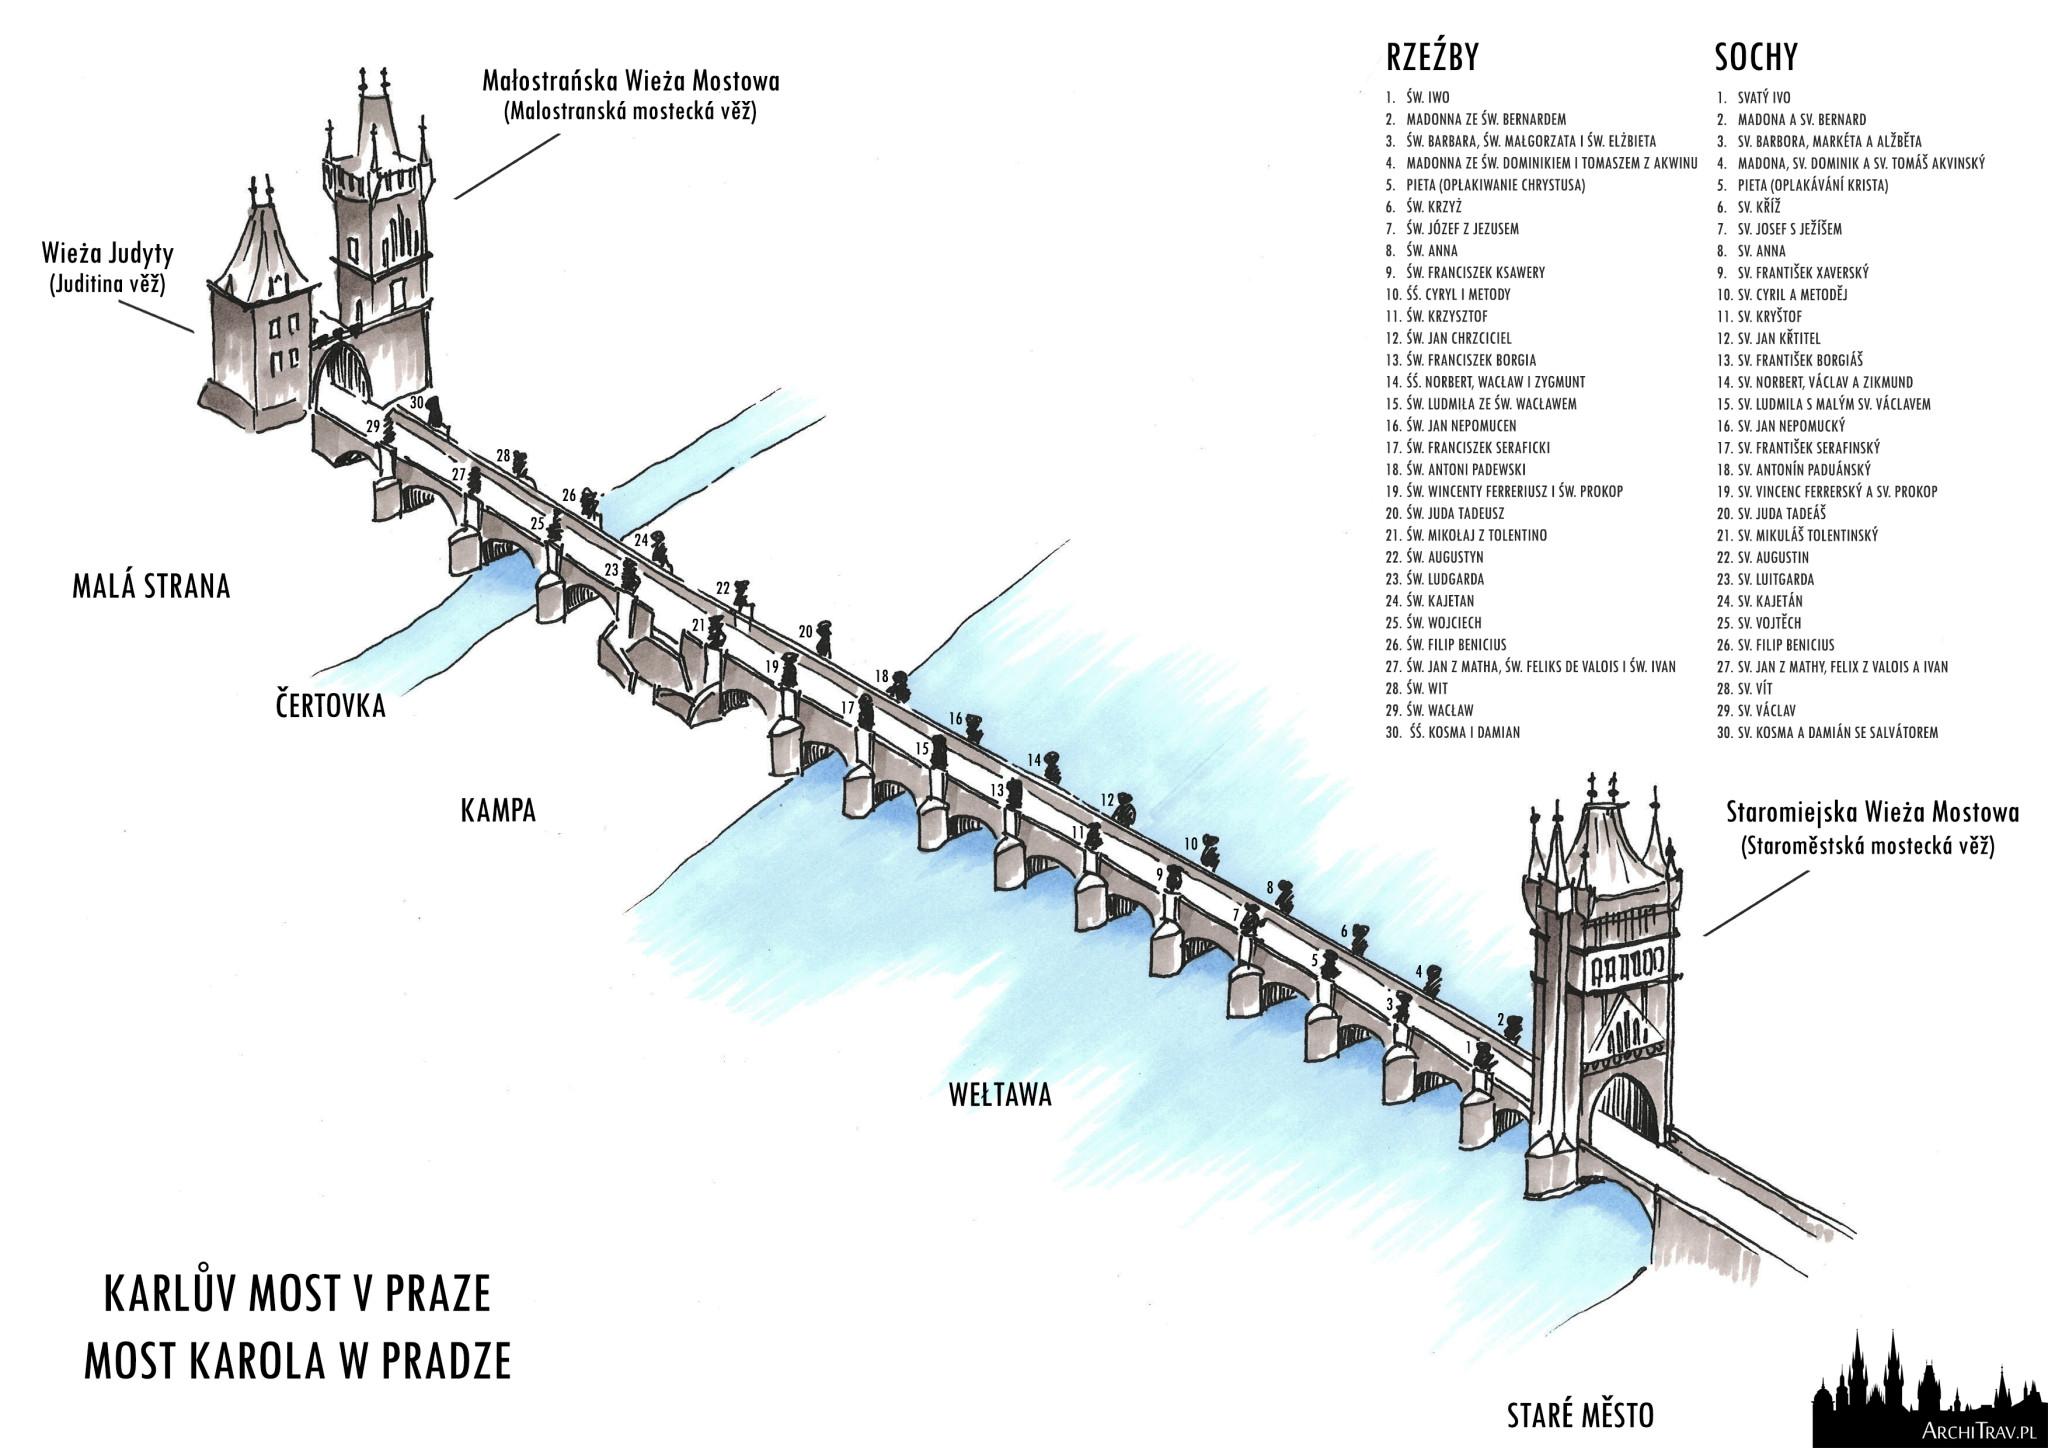 rysunek odręczny Mostu Karola, widok z góry, spis wszystkich rzeźb znajdujących się na moście